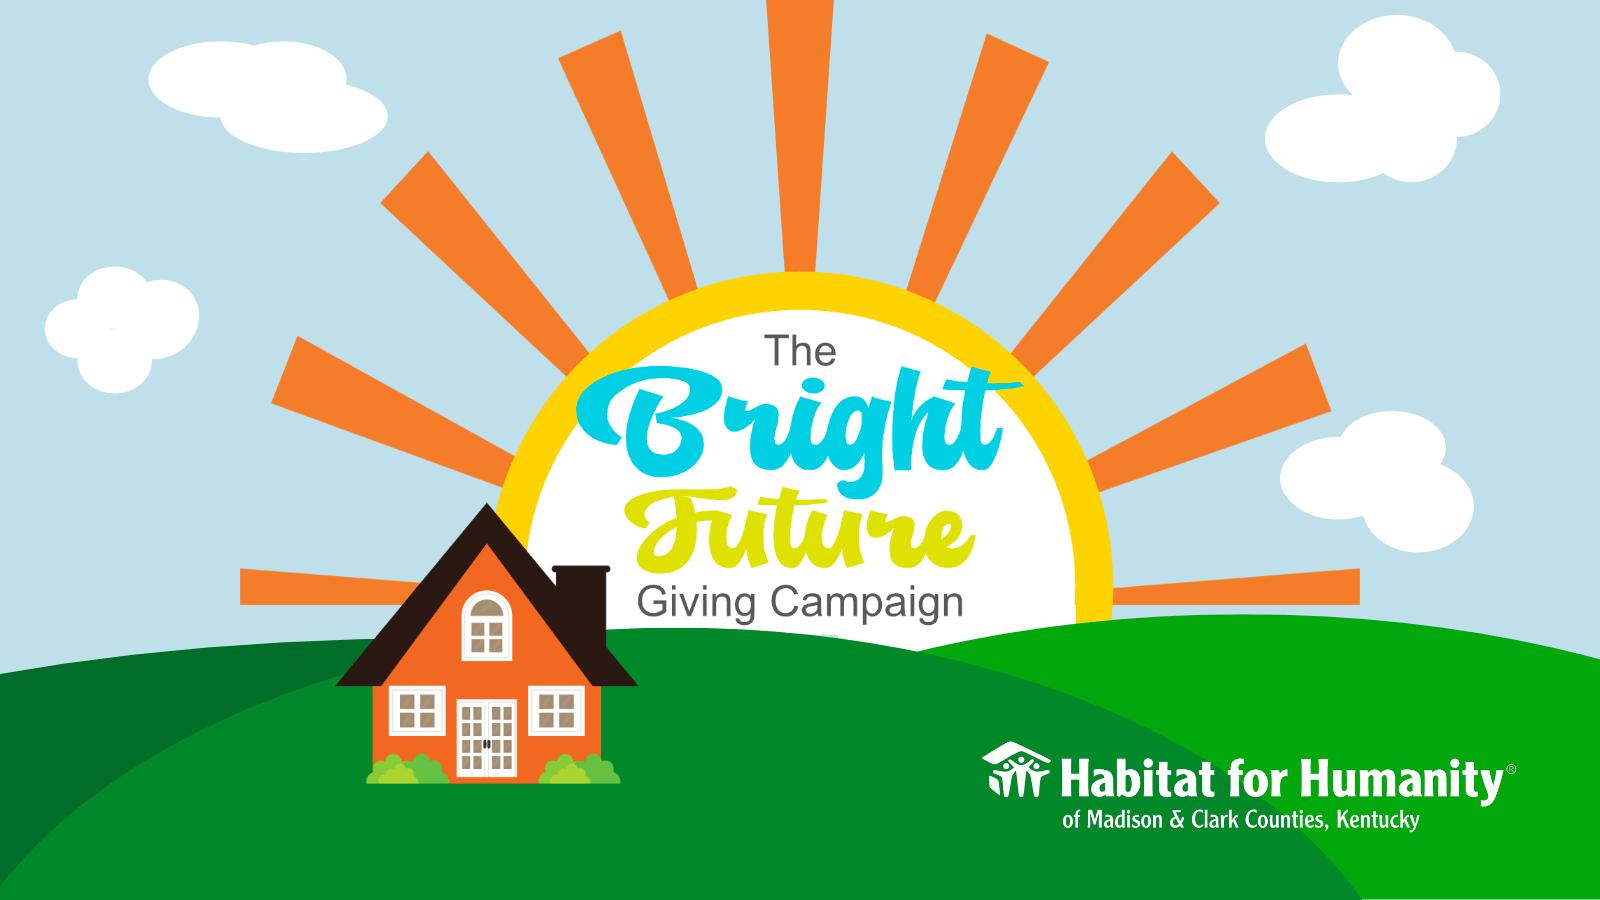 The Bright Future Giving Campaign